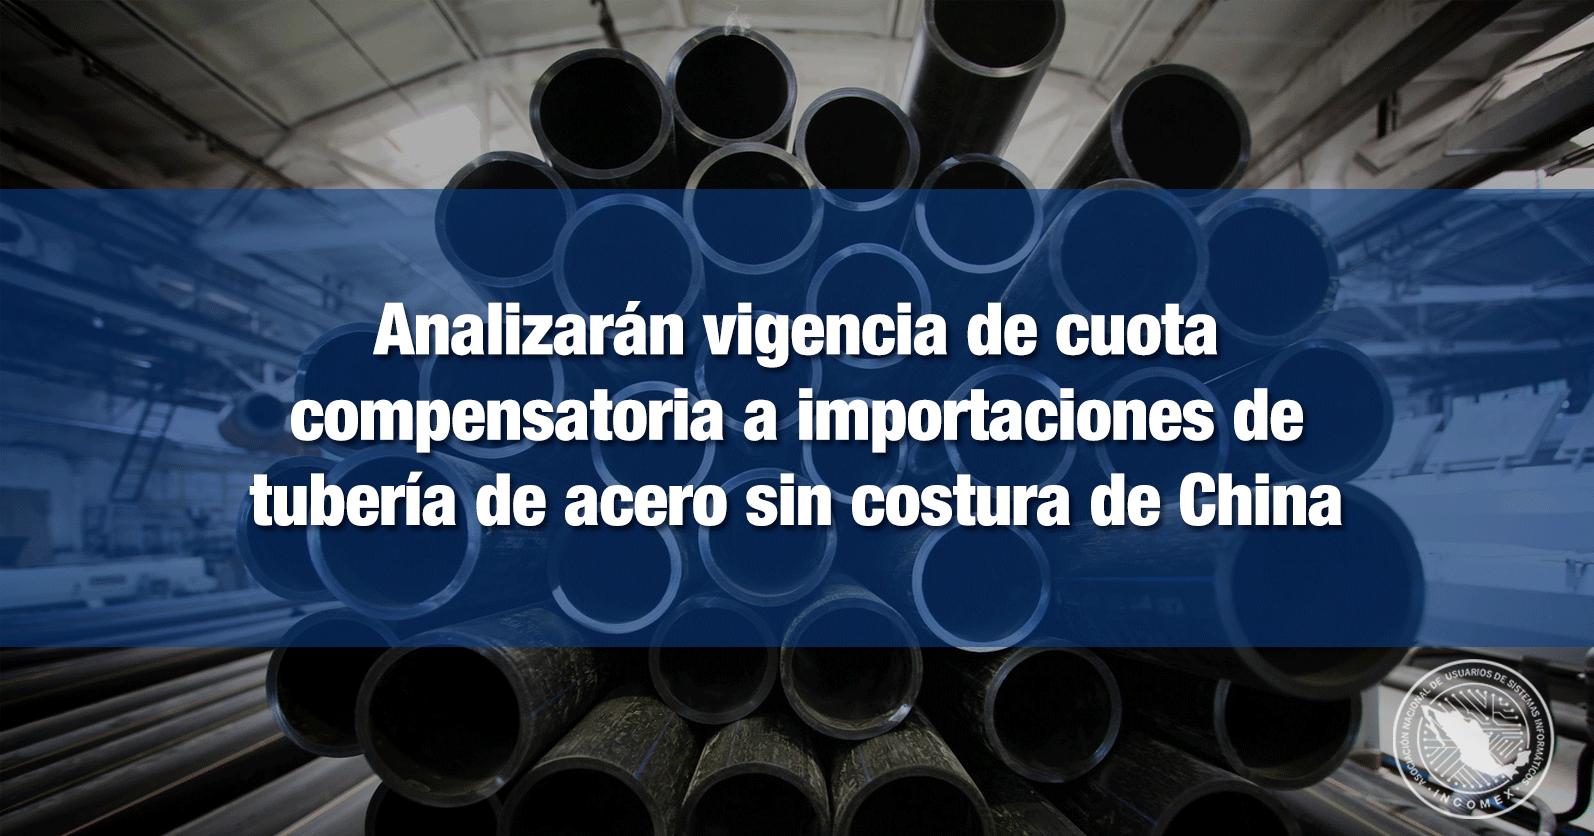 Analizarán vigencia de cuota compensatoria a importaciones de tubería de acero sin costura de China